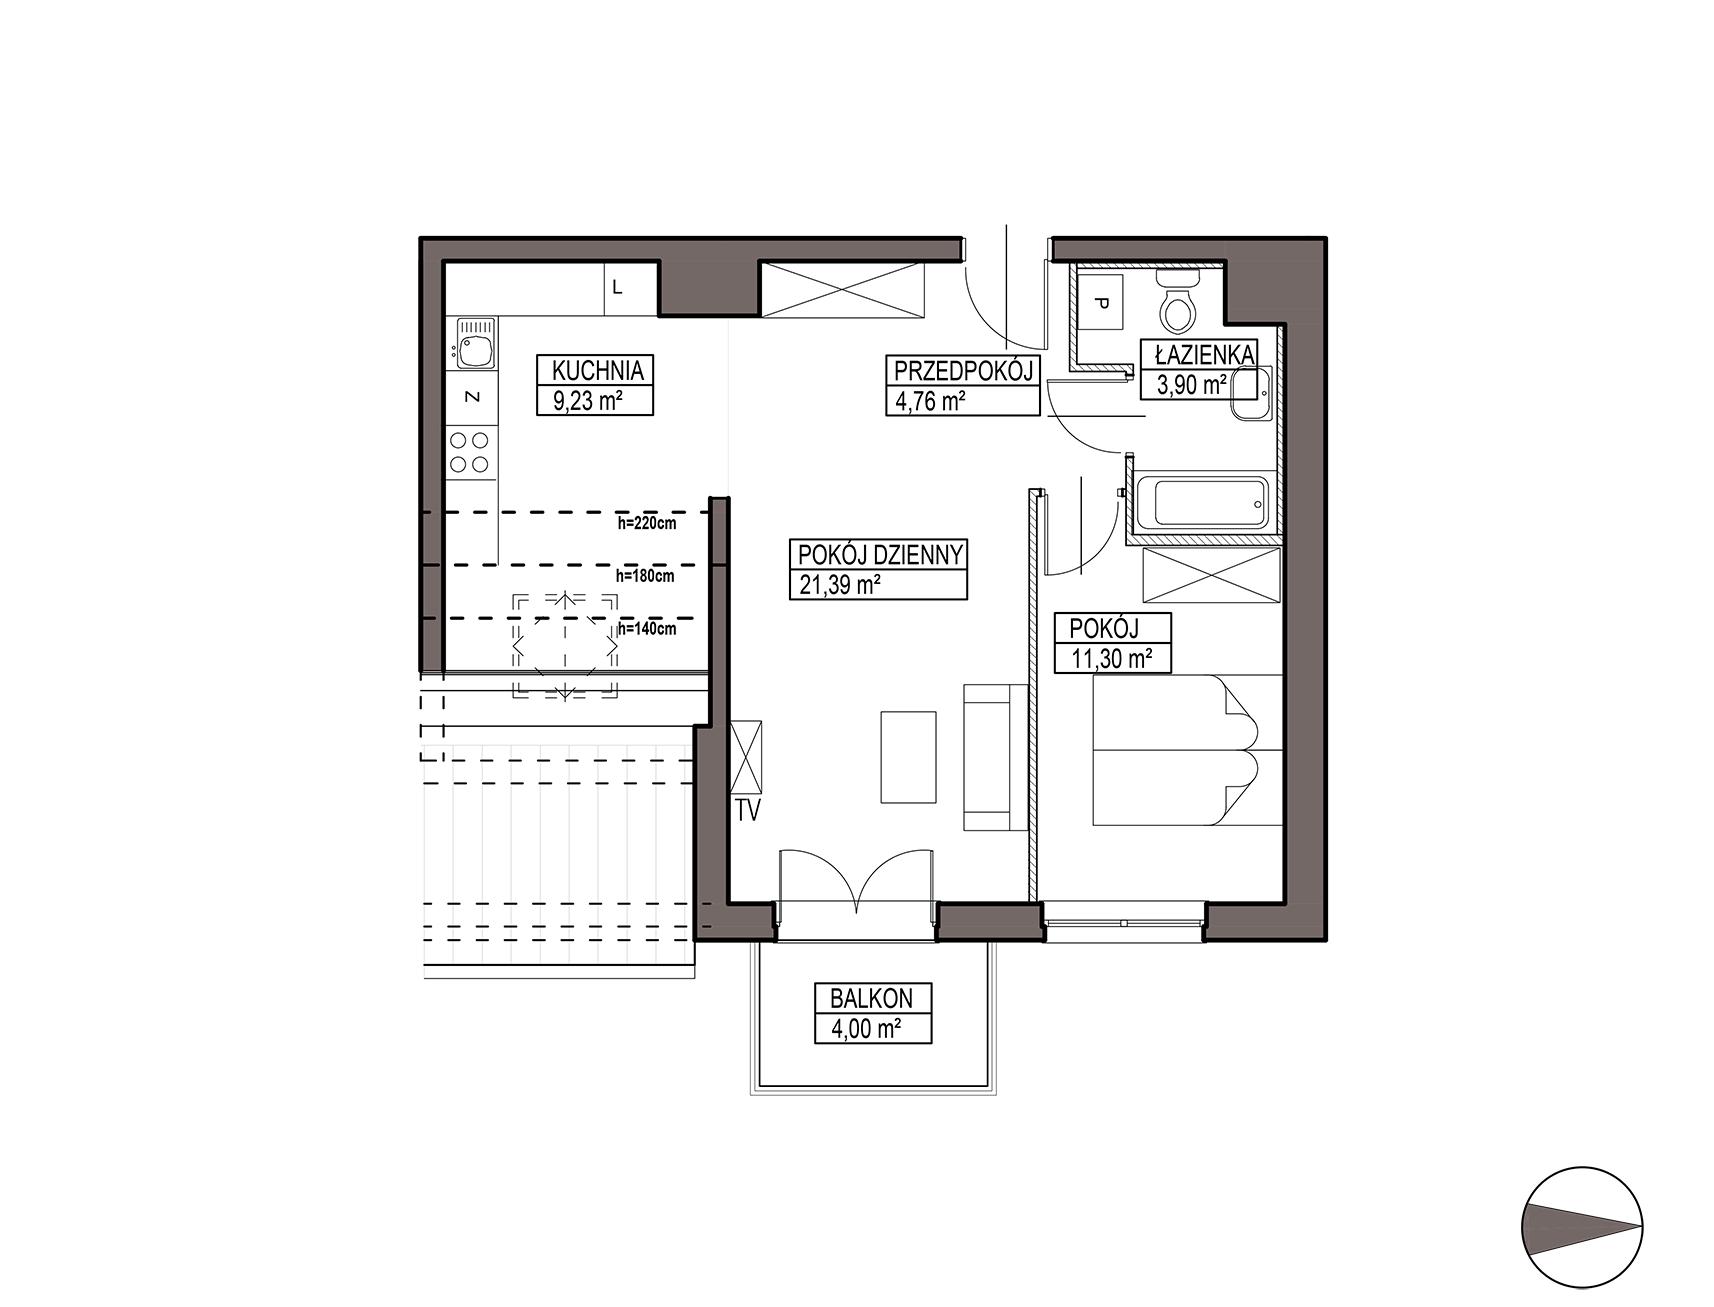 Uroczysko III / budynek 5 / mieszkanie G/3/46 rzut 1